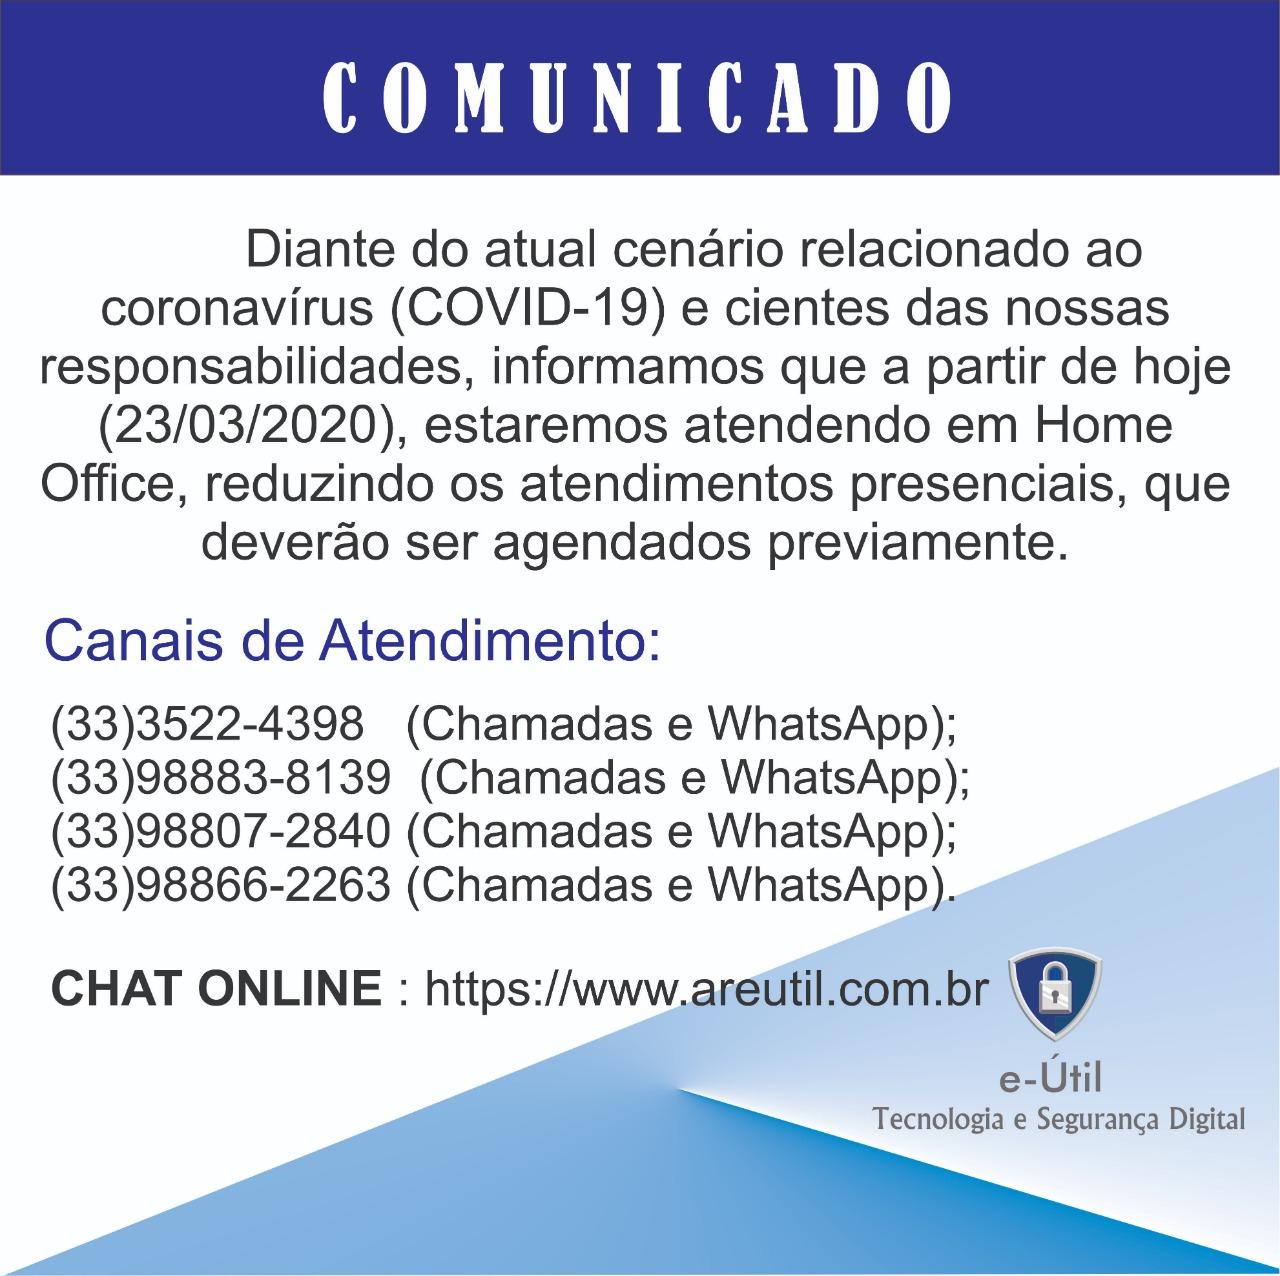 COMUNICADO - TRABALHO HOME OFFICE